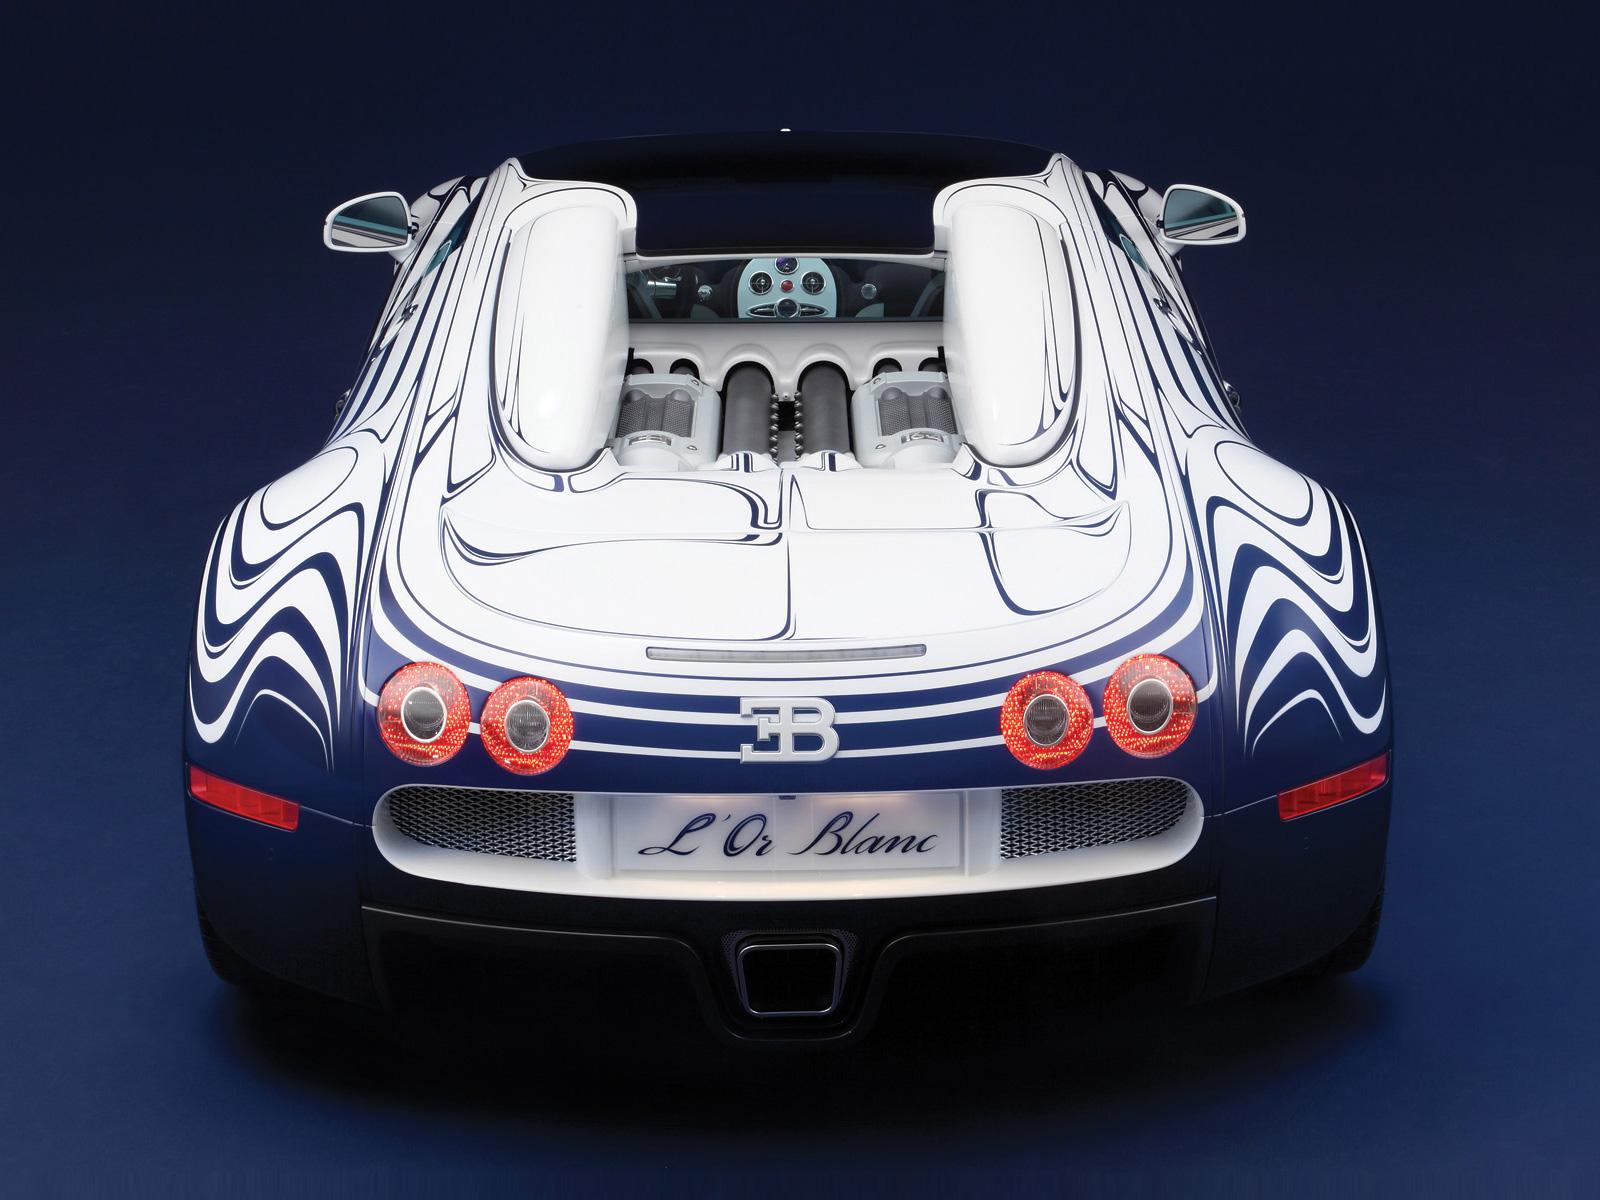 Bugatti Veyron Grand Sport LOr Blanc  2011    Auto Cars Concept